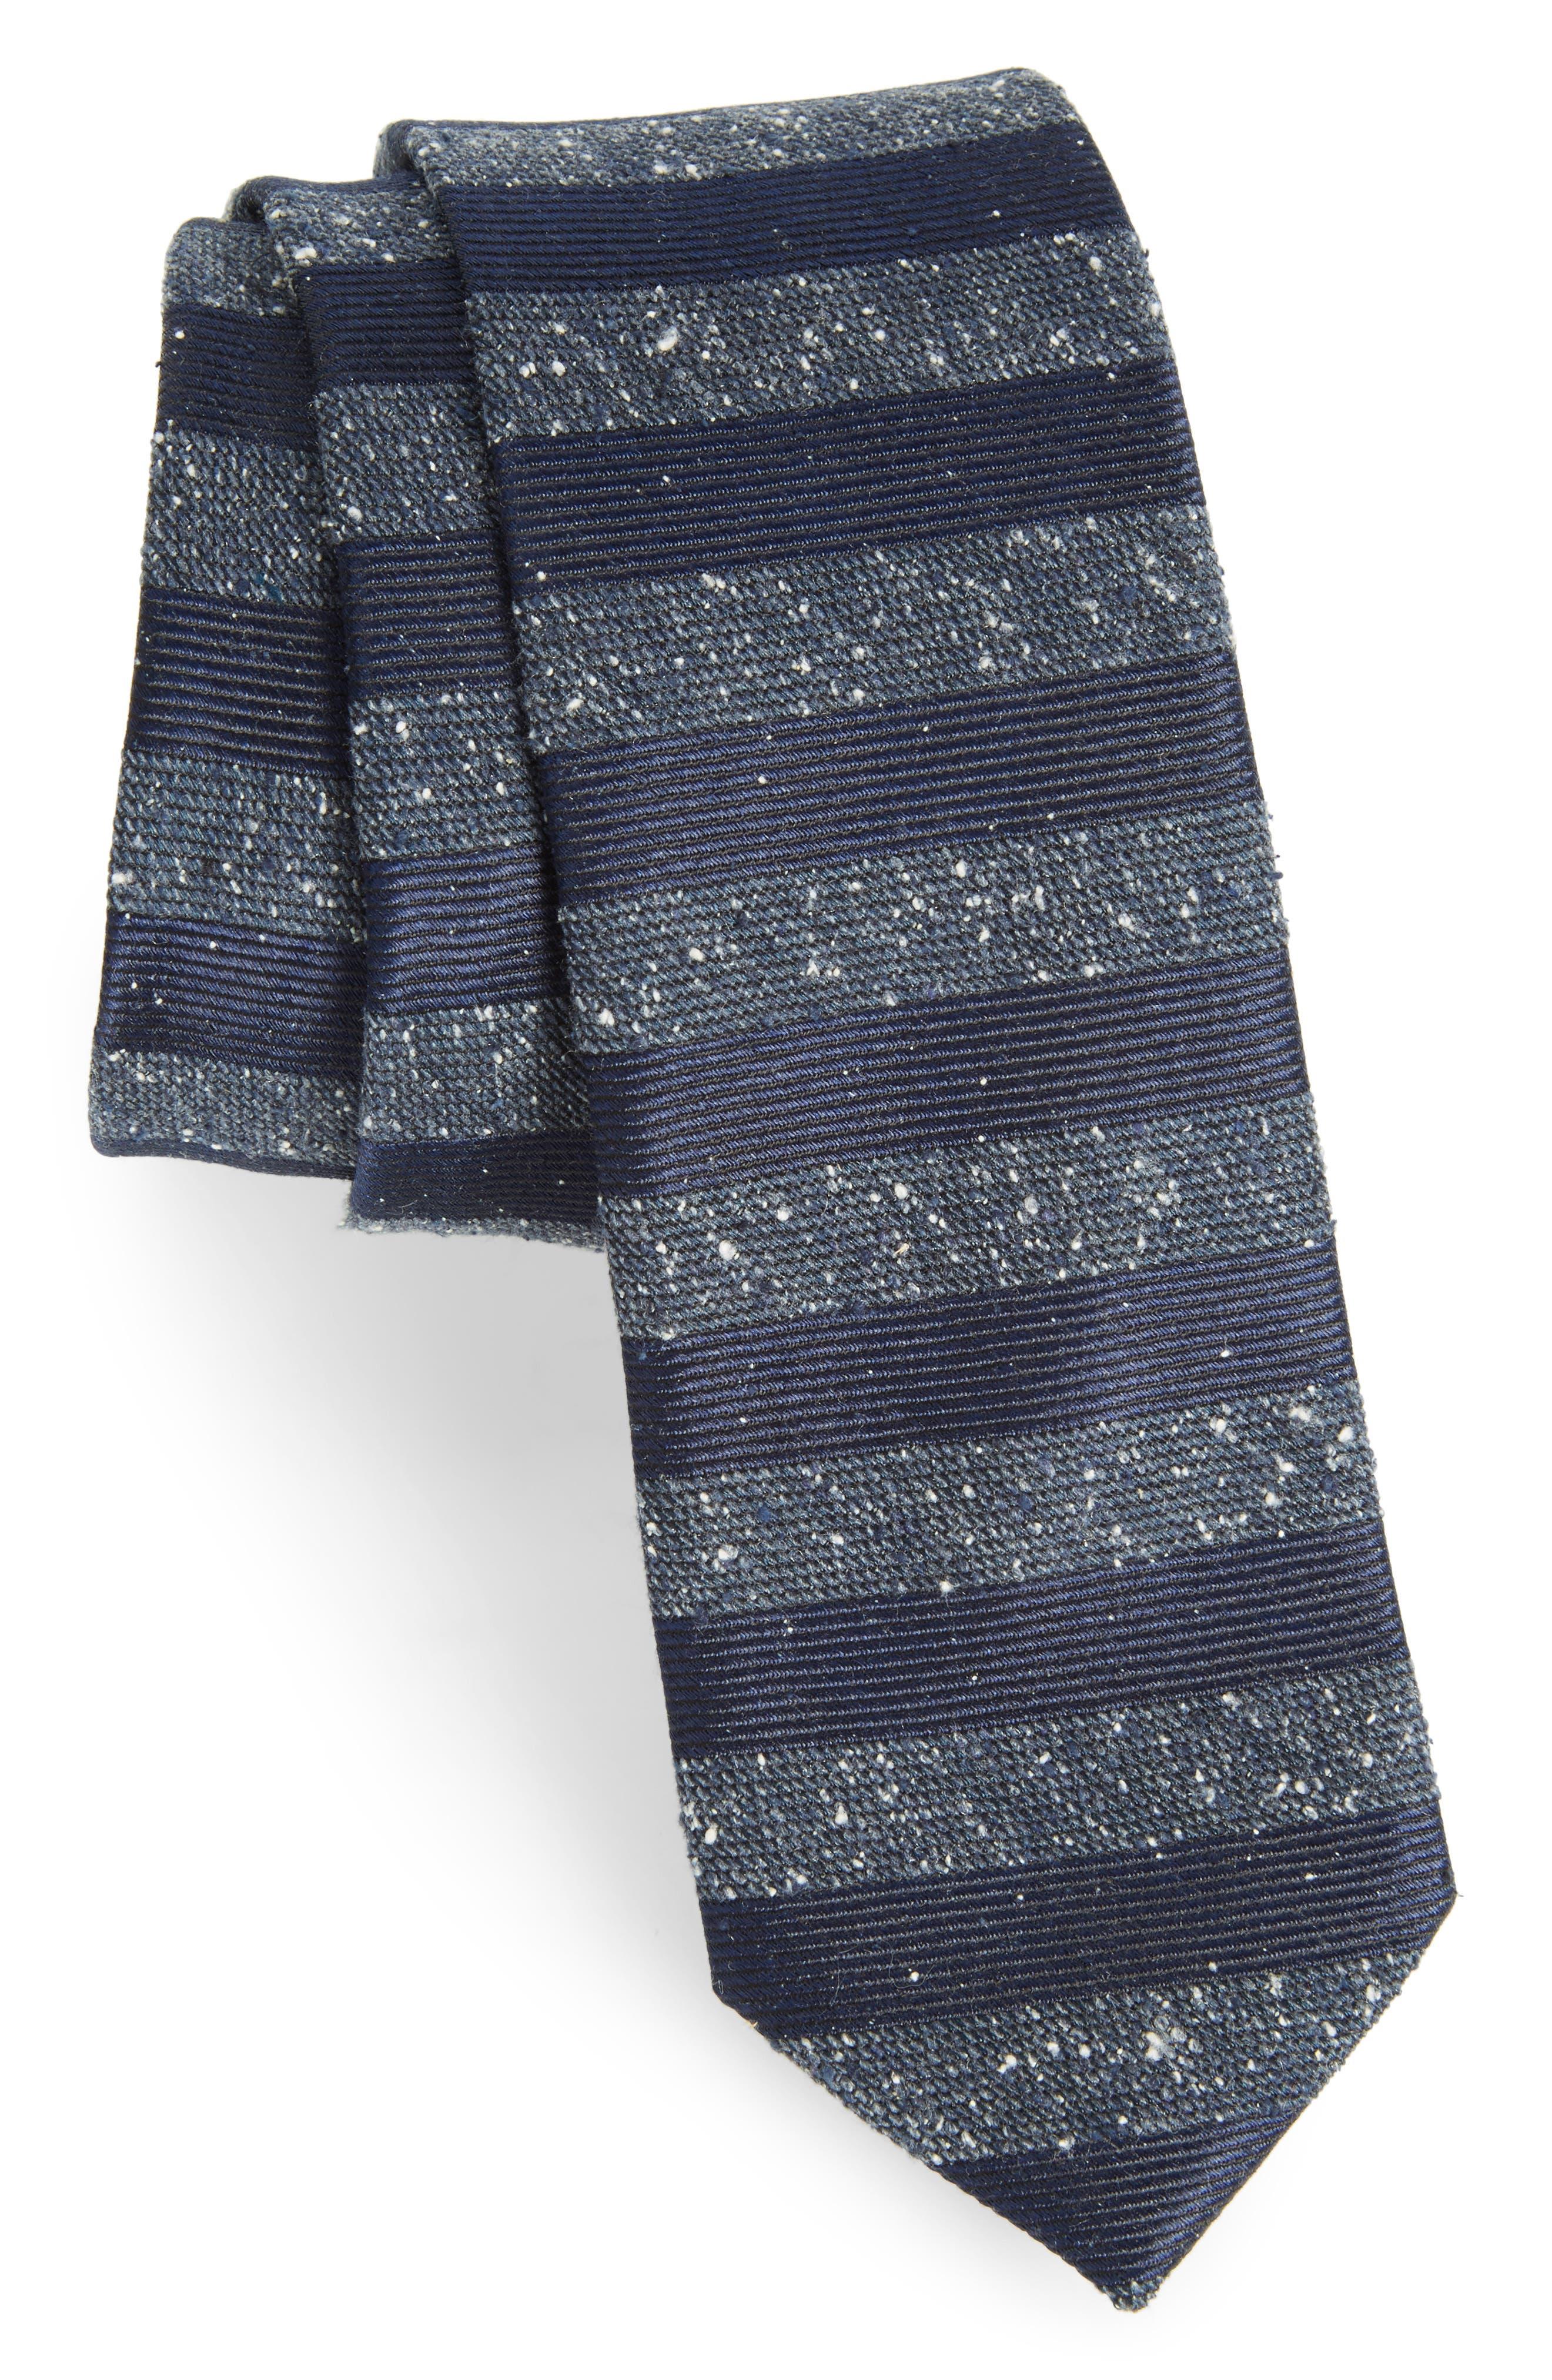 Alternate Image 1 Selected - The Tie Bar Meter Stripe Nep Silk Tie